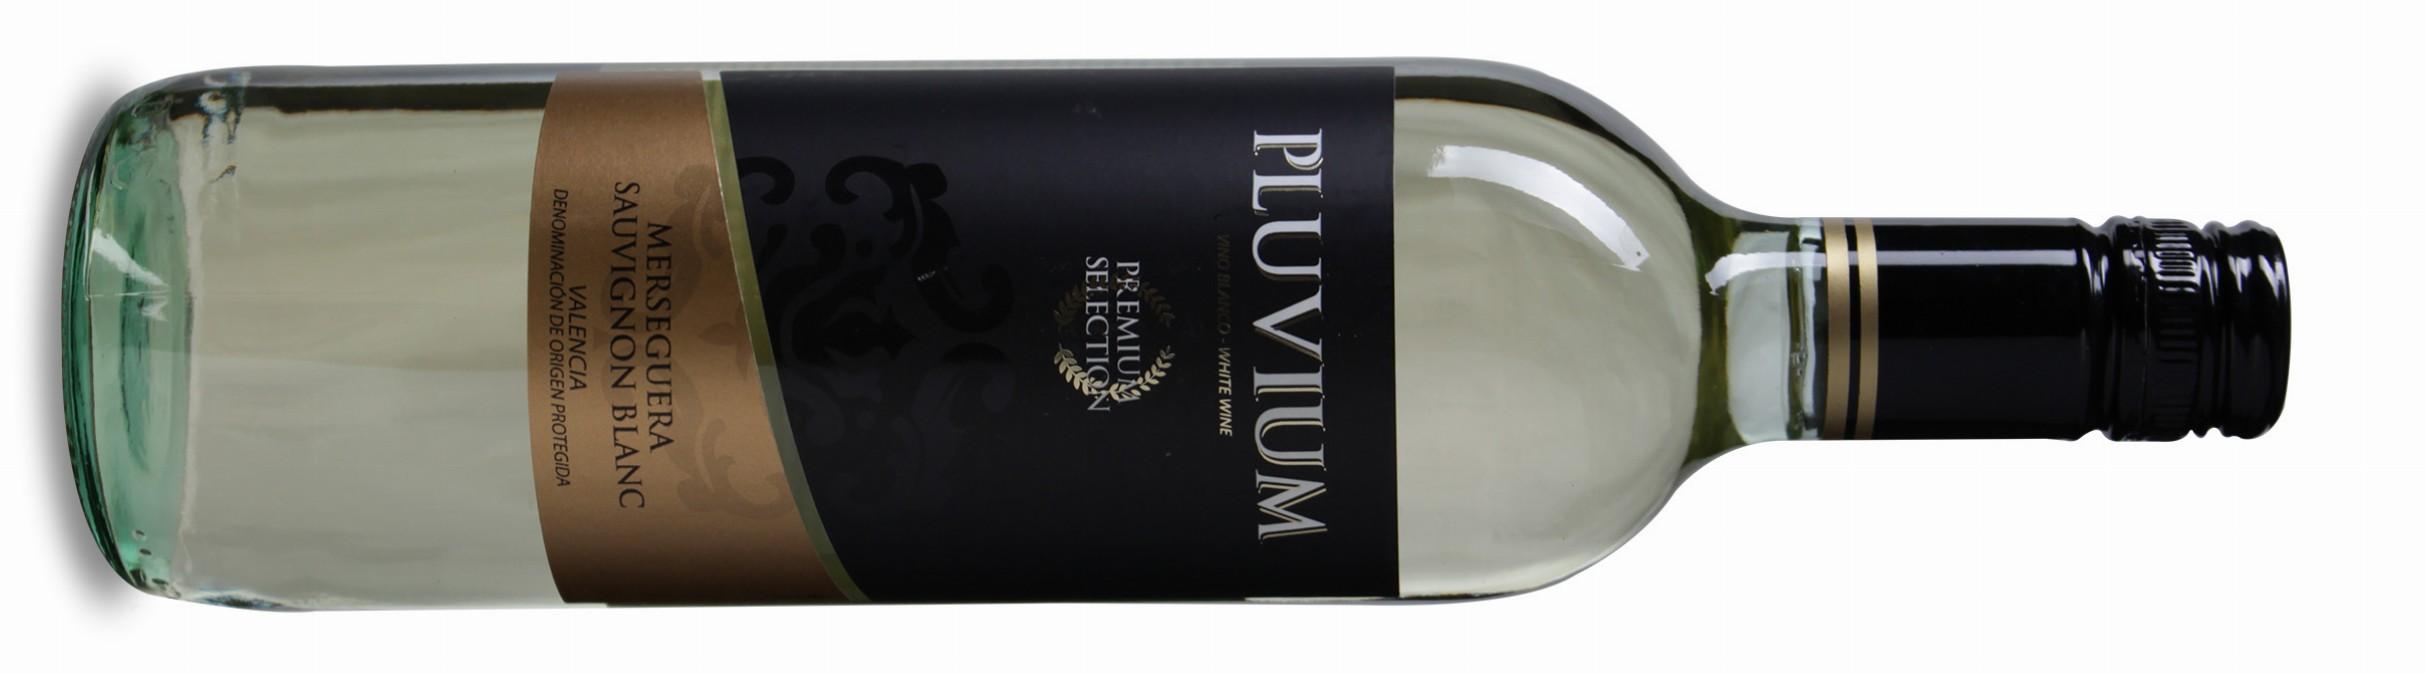 Pluvium Merseguera-Sauvignon Blanc 2014